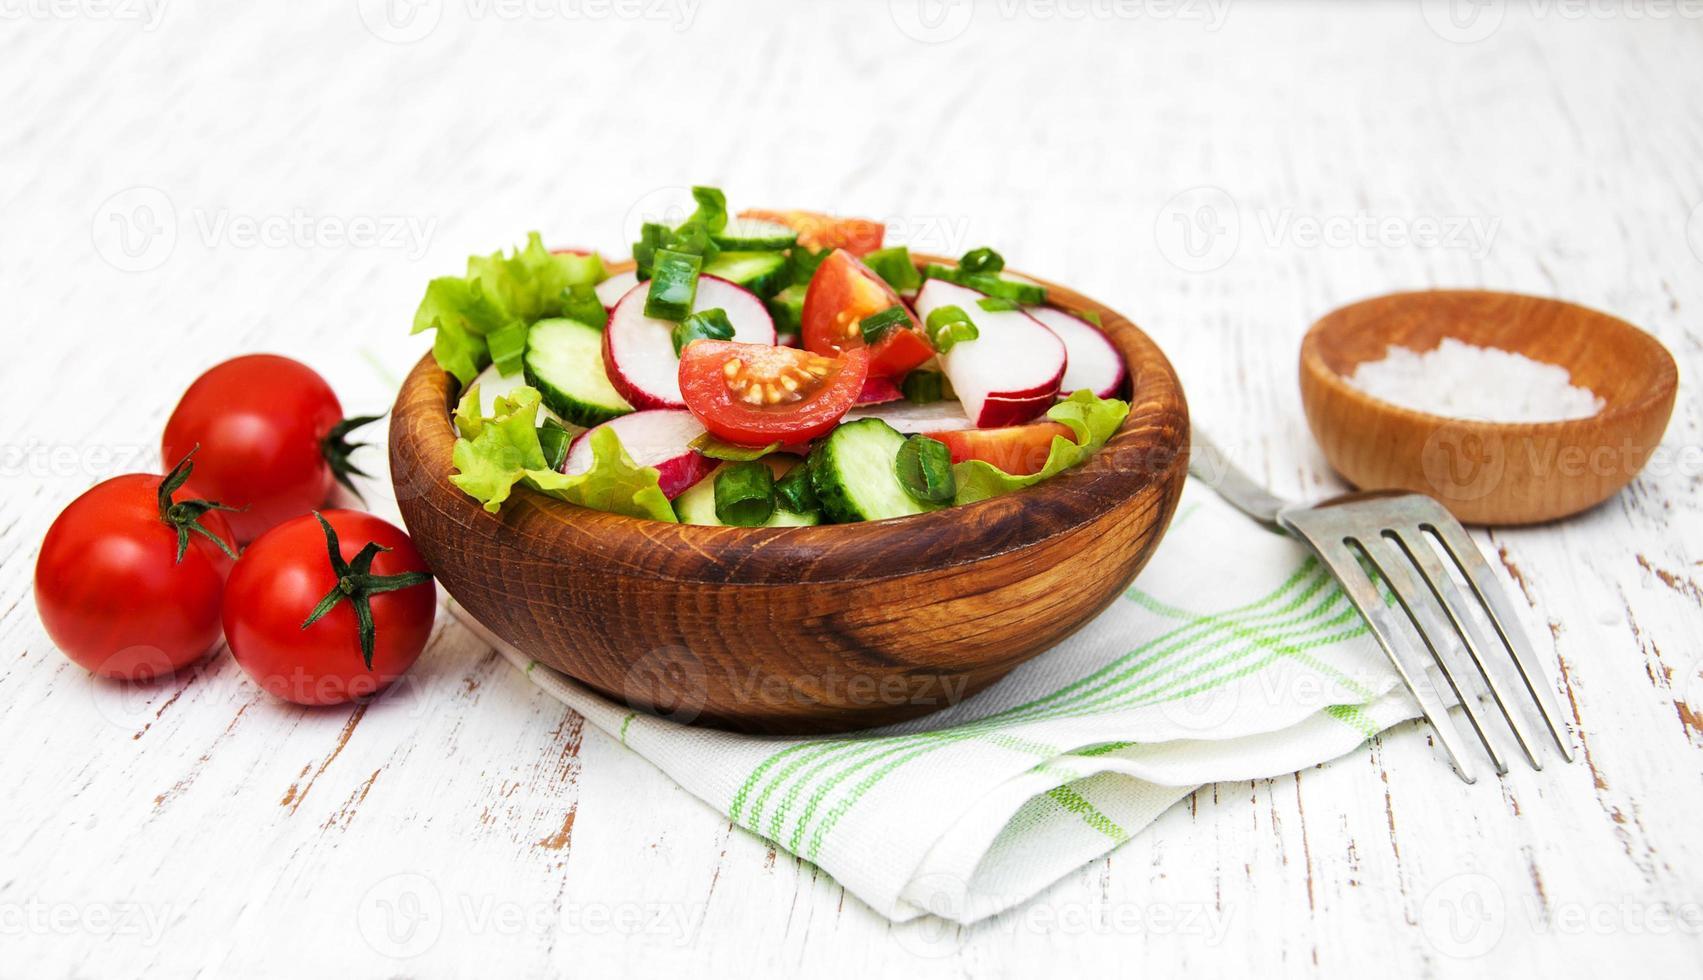 Frühlingssalat mit Tomaten, Gurken und Radieschen foto